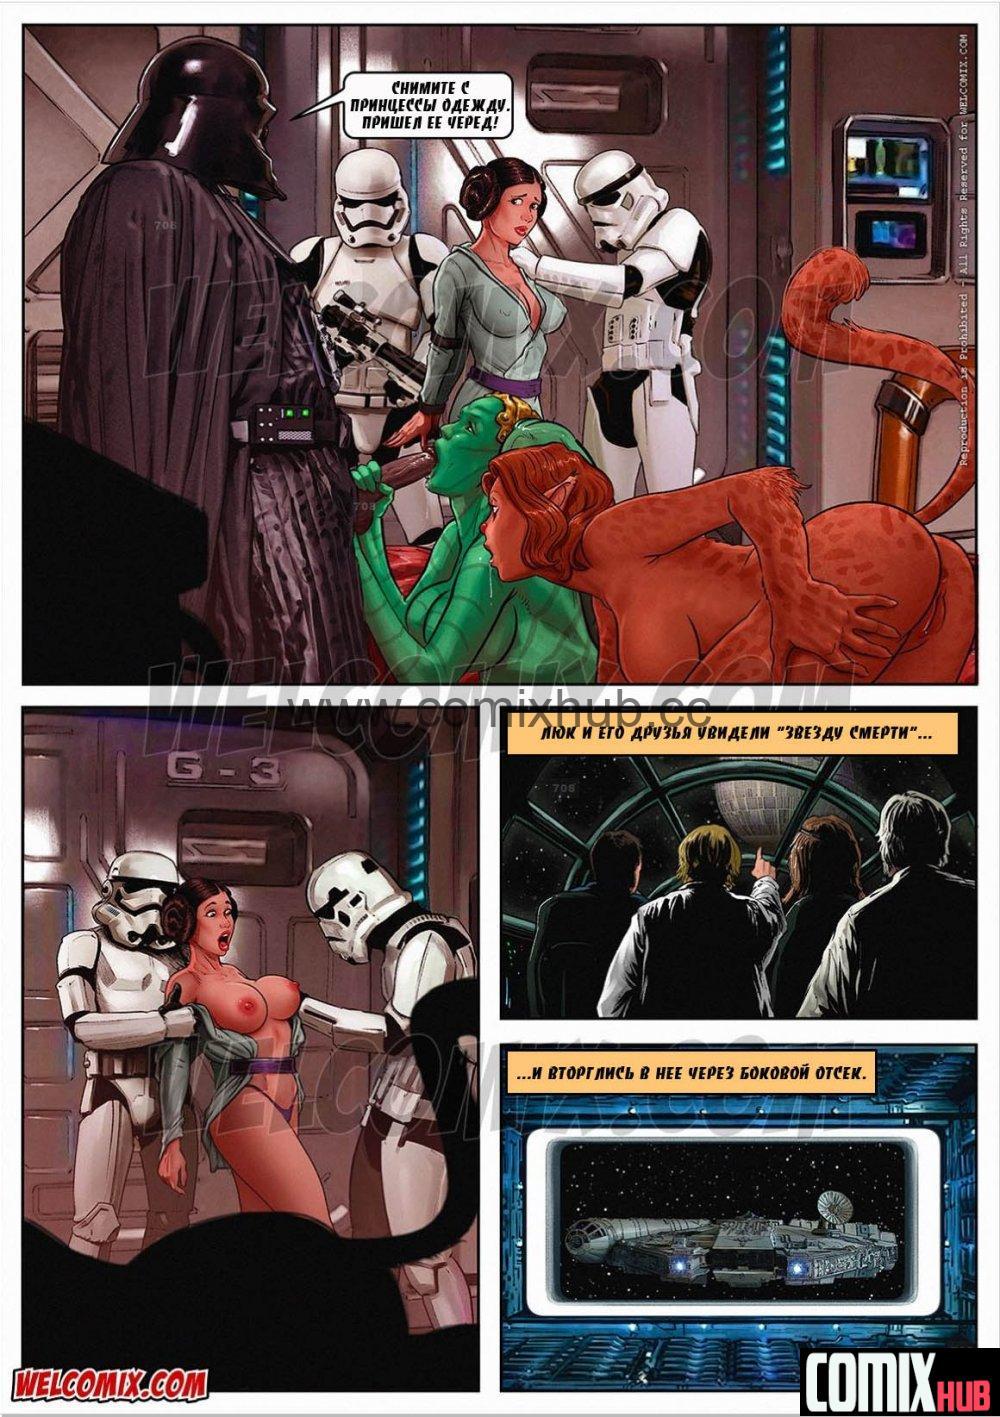 Порно комикс, Звёздные войны Порно комиксы, Анал, Большая грудь, Групповой секс, Двойное проникновение, По играм